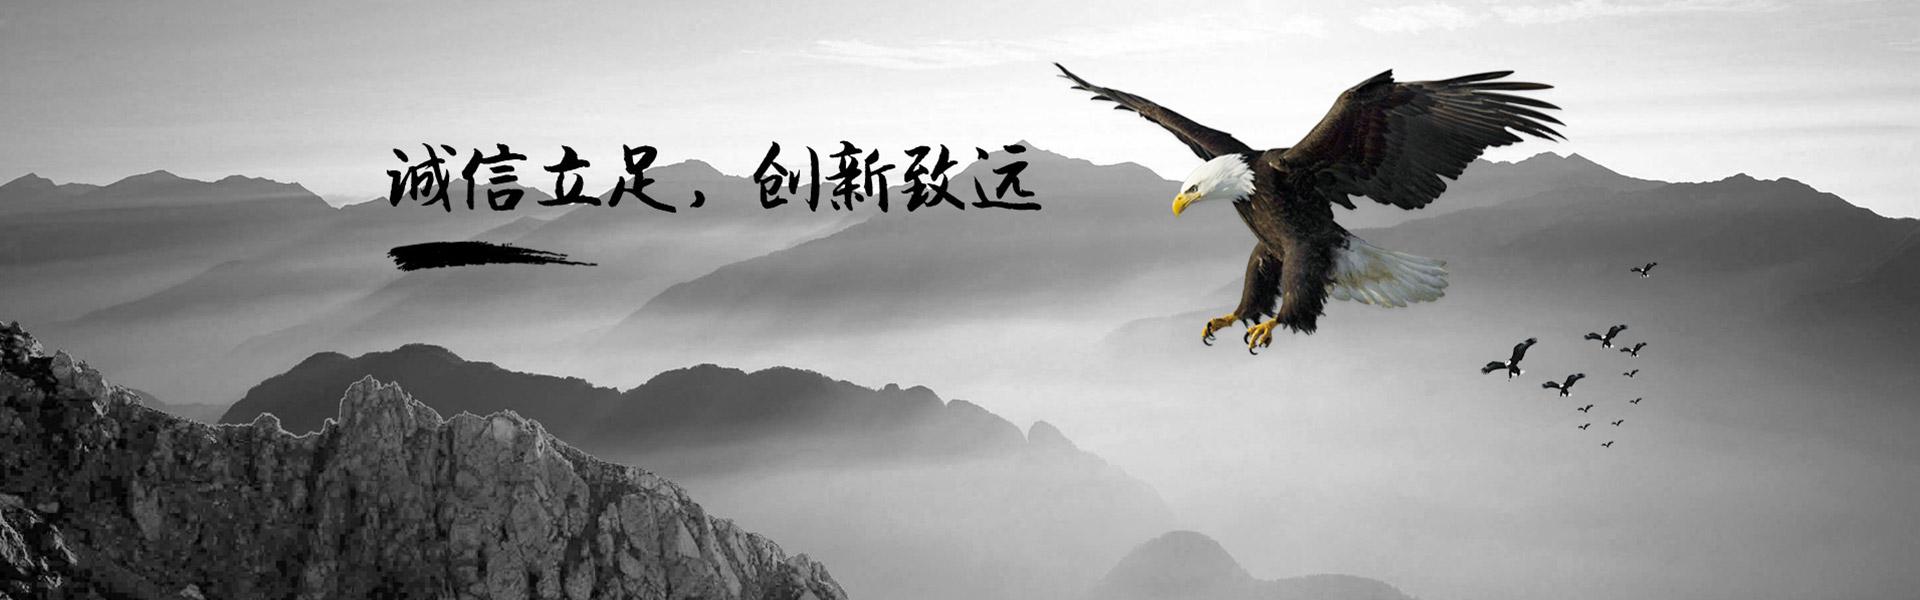 上海劳务派遣公司